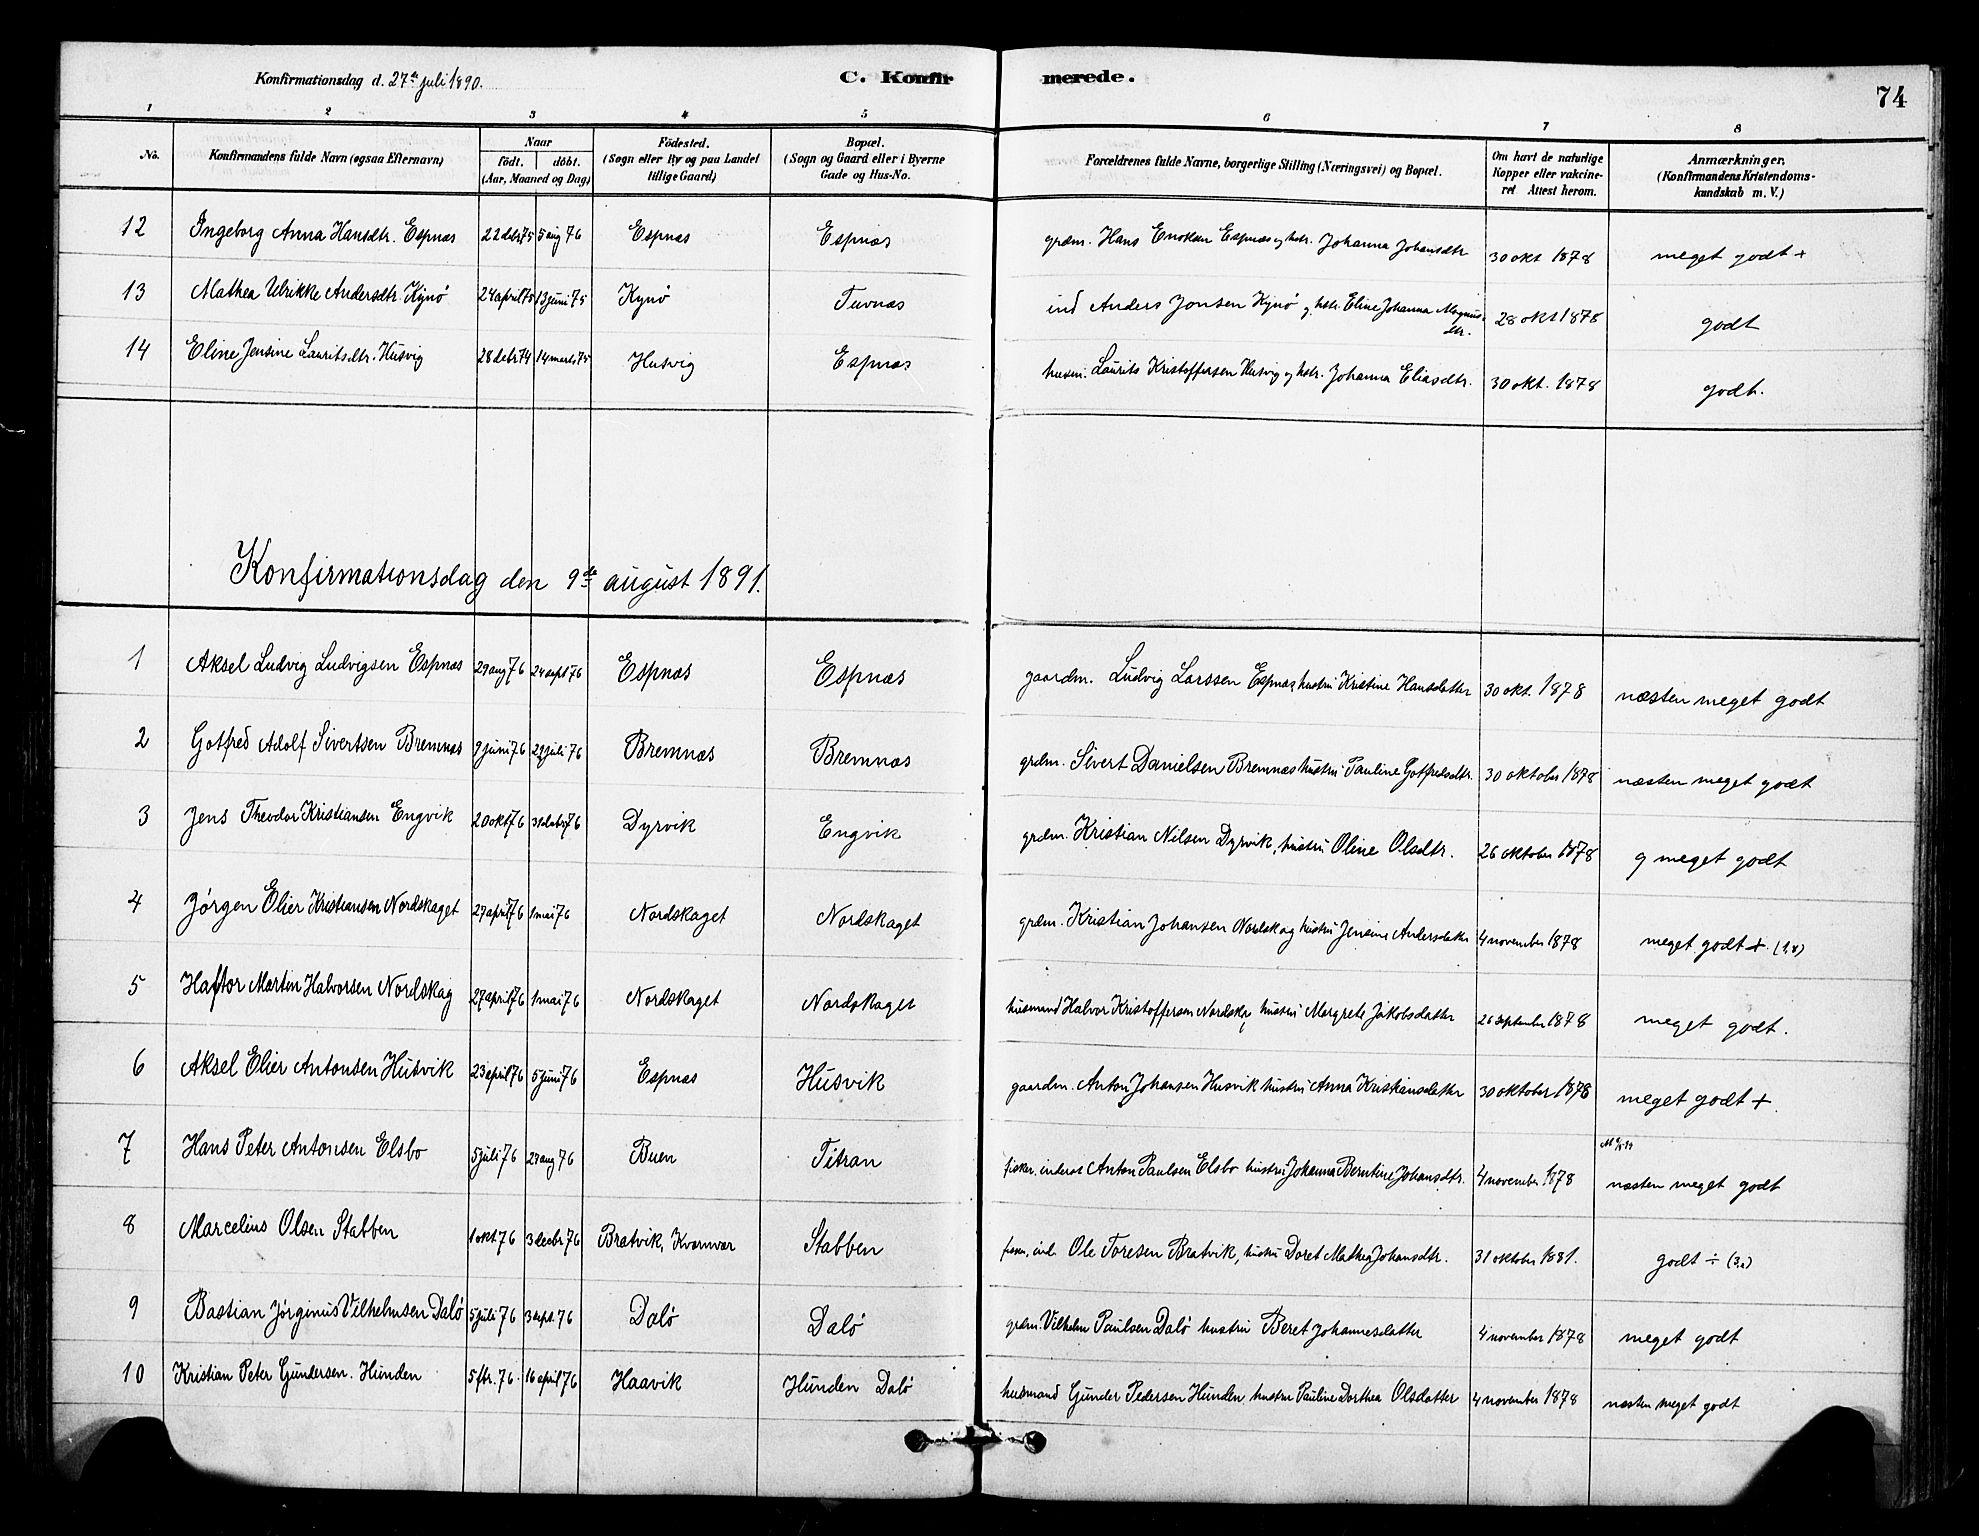 SAT, Ministerialprotokoller, klokkerbøker og fødselsregistre - Sør-Trøndelag, 641/L0595: Ministerialbok nr. 641A01, 1882-1897, s. 74